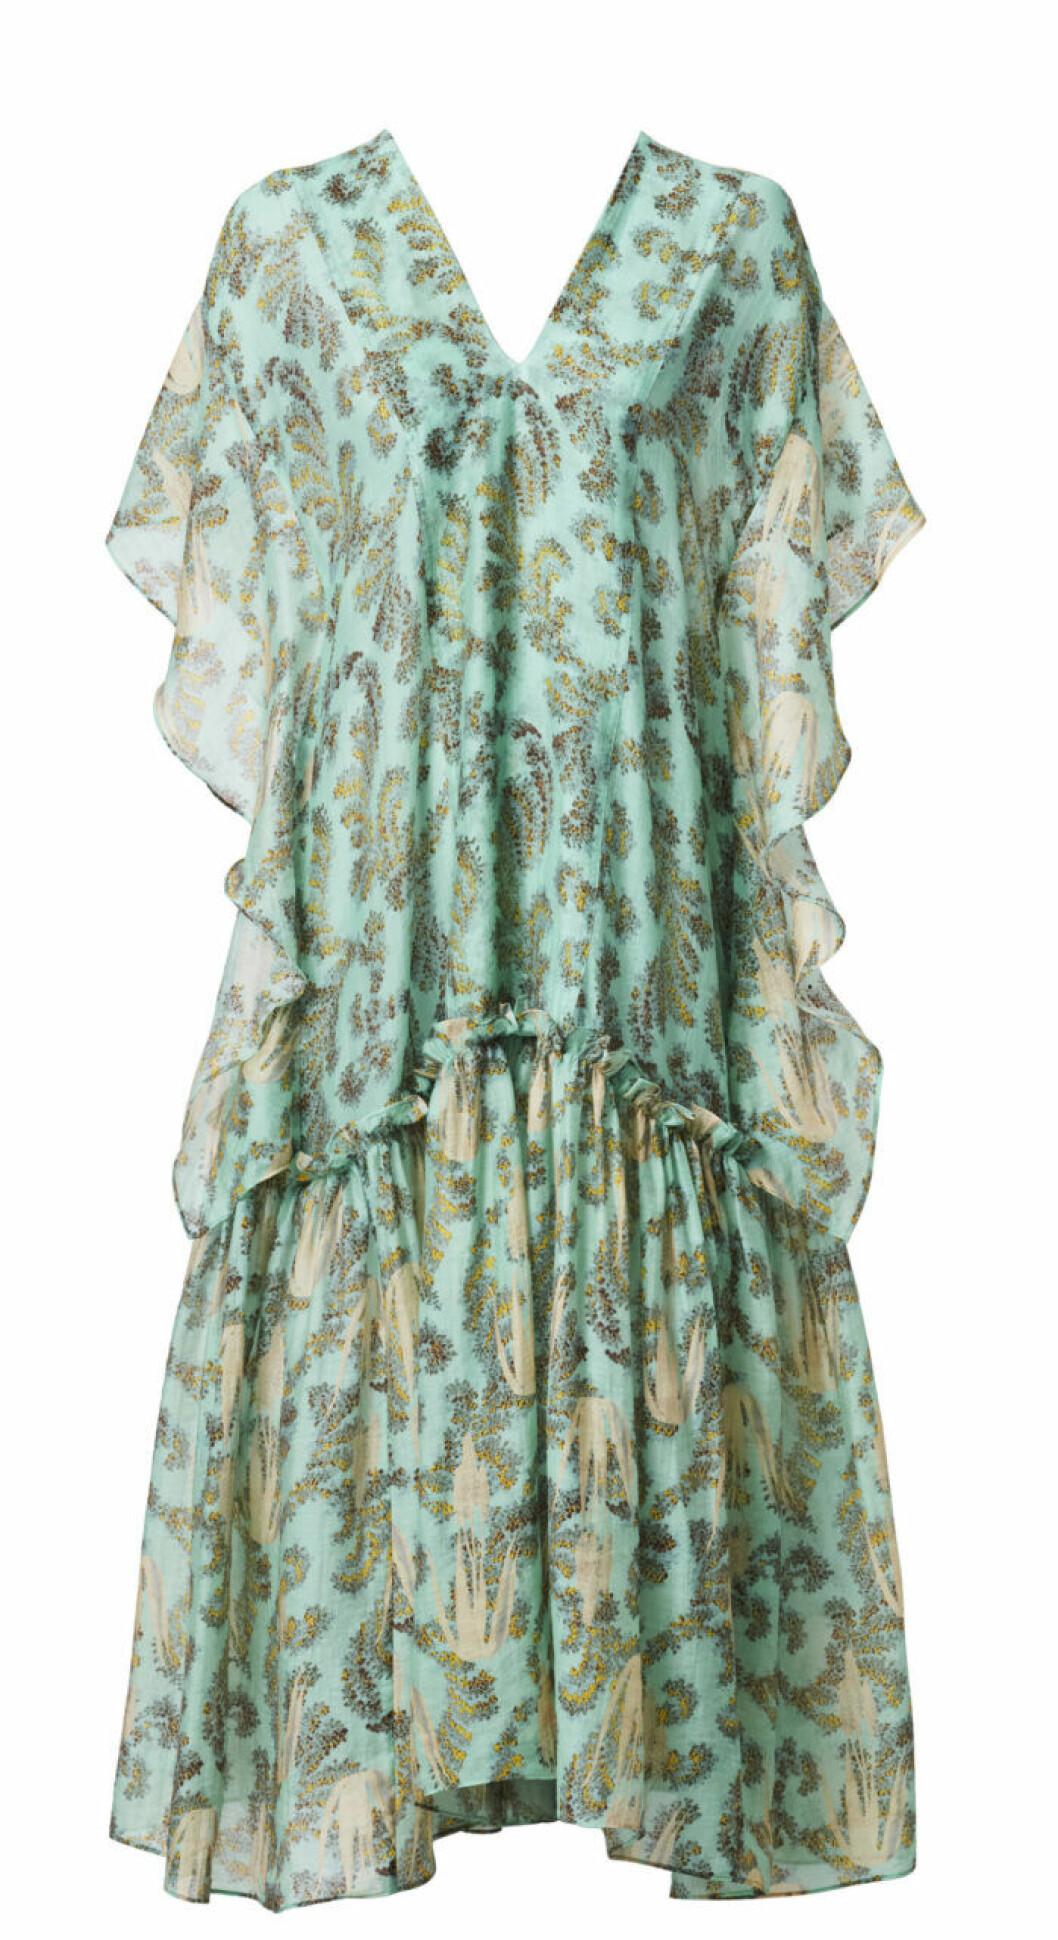 H&M Conscious Exclusive 2019 grön klänning med v-ringning